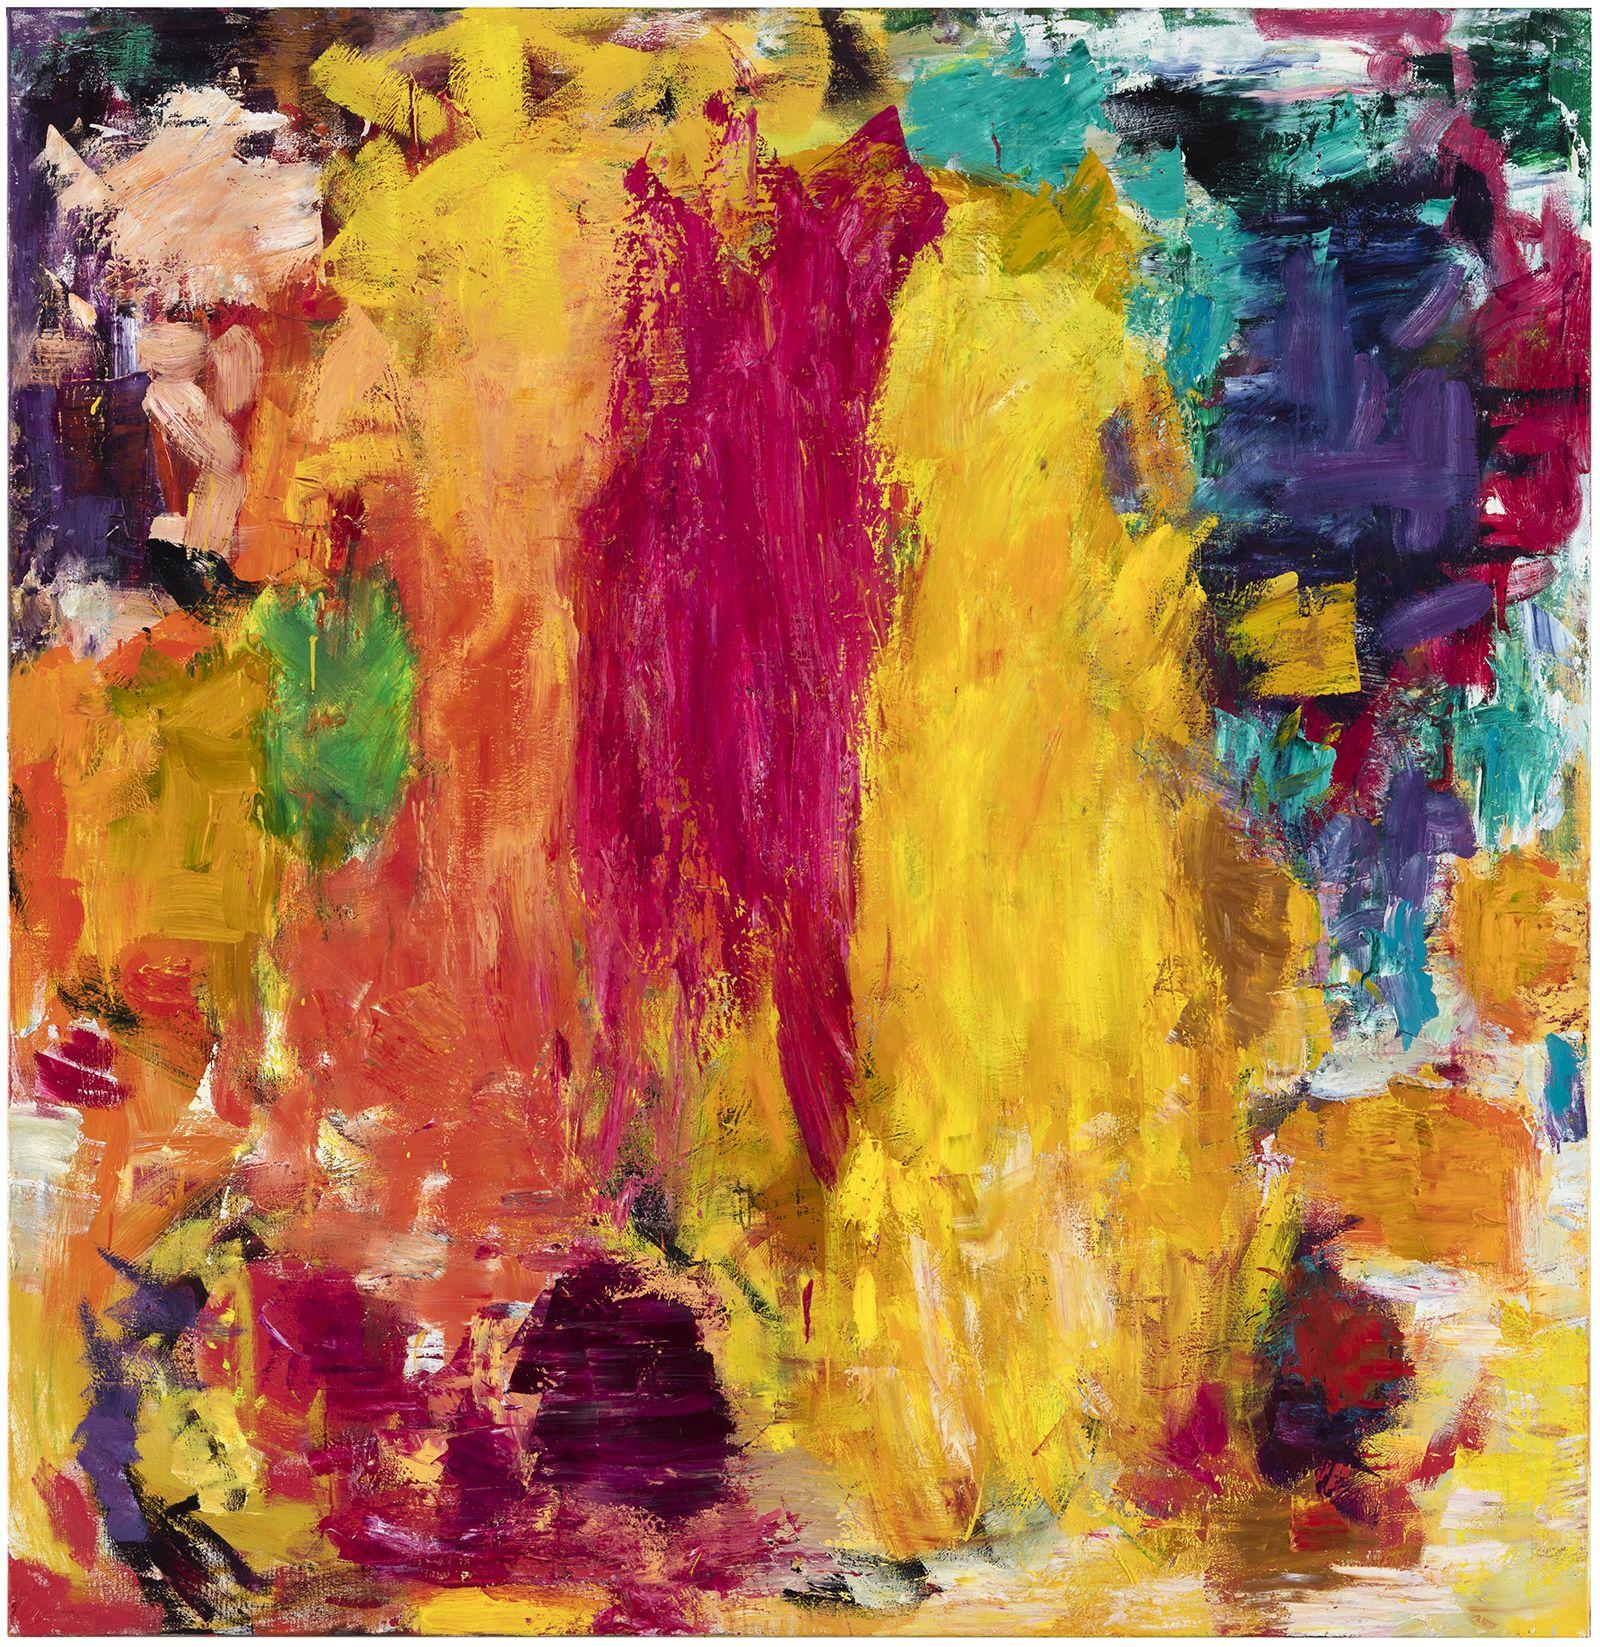 Kultakukka, 2020, Oil on Canvas, Courtesy of the artist and Galerie Forsblom